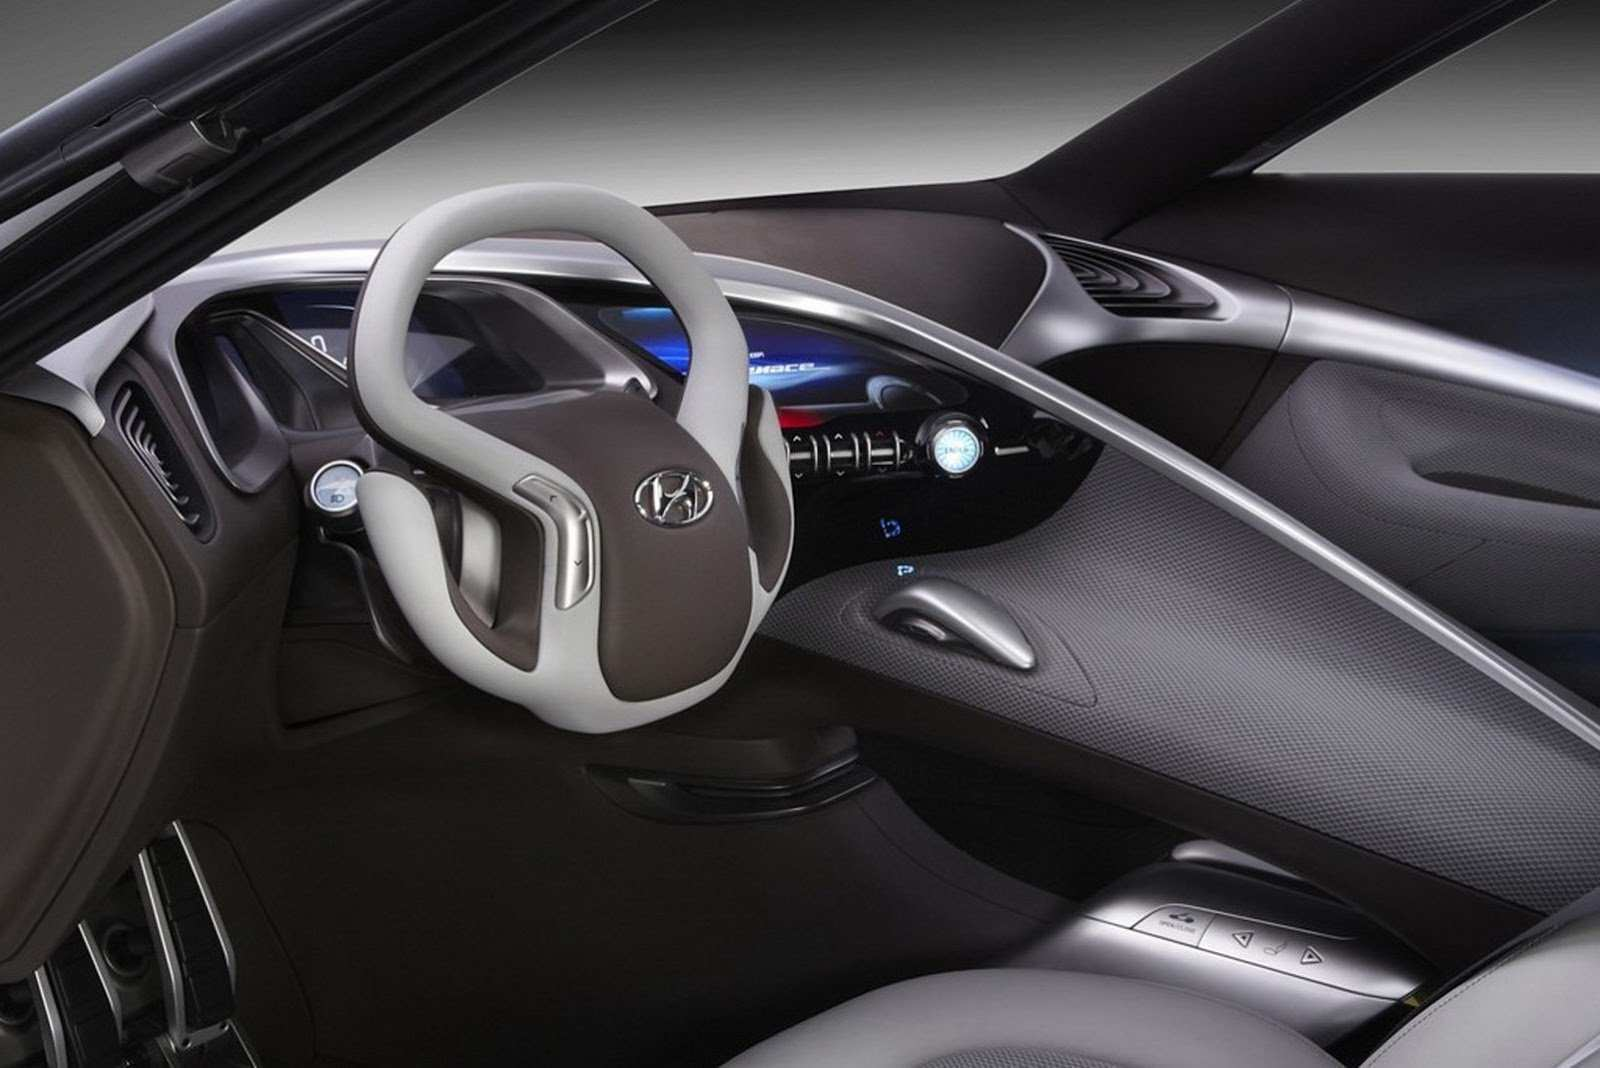 91 Concept of Hyundai Autonomous 2020 Model by Hyundai Autonomous 2020